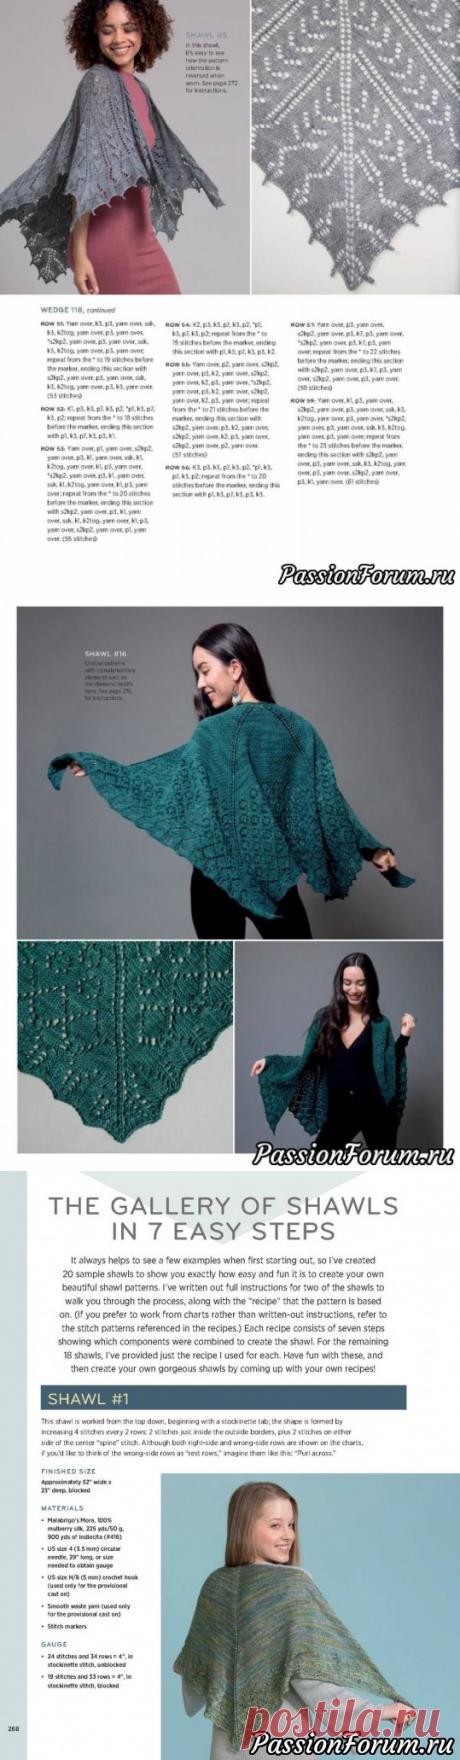 Книга по вязанию шали от Мелиссы Липман  часть 3 | Вязание шали спицами